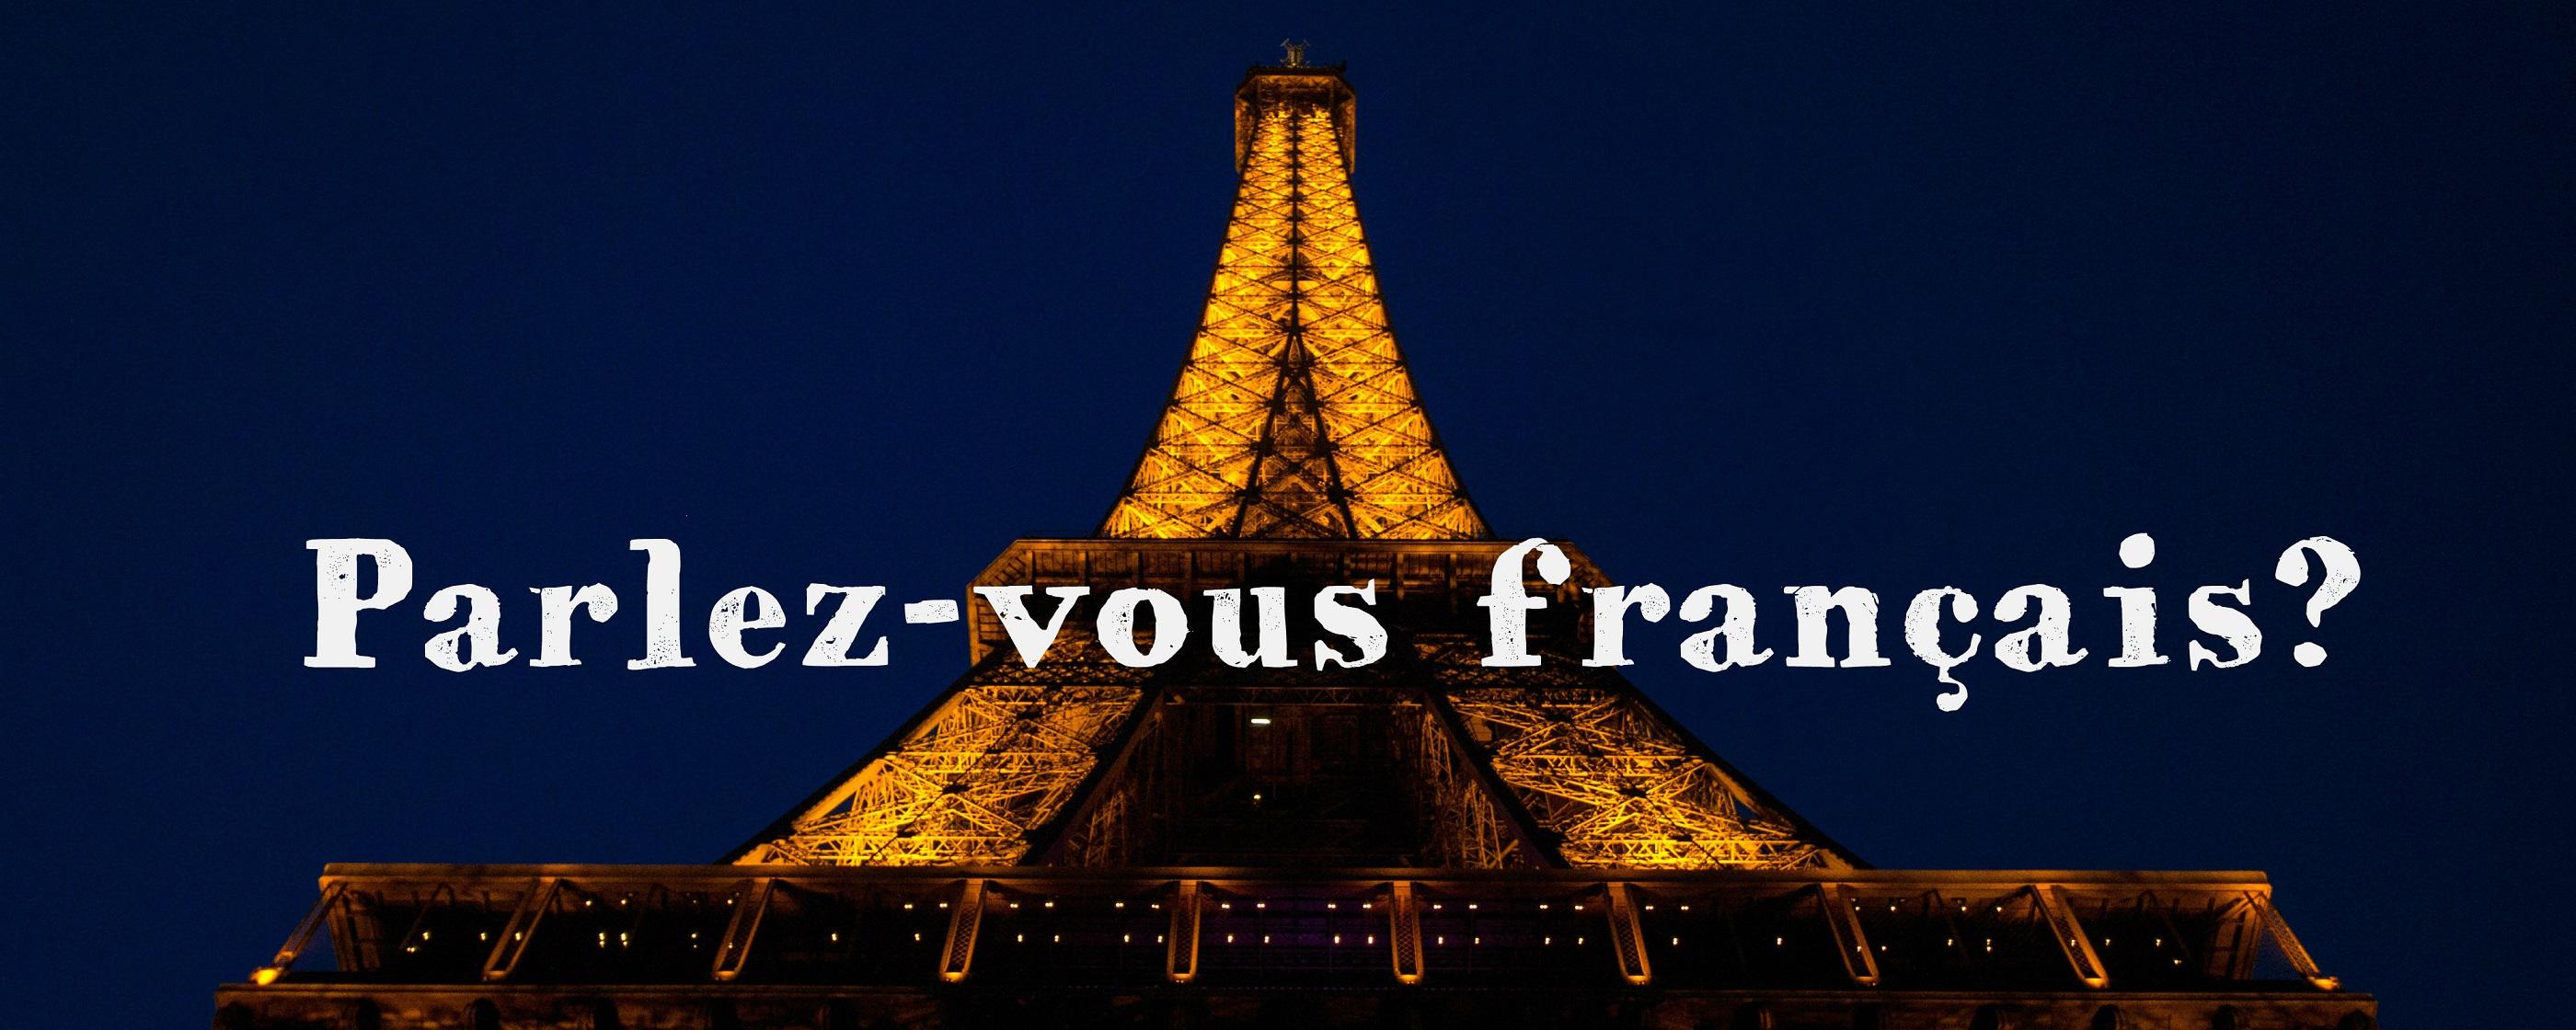 Parlez-vous français? Nouvelle offre d'emploi: Responsable commercial pour le marché Français